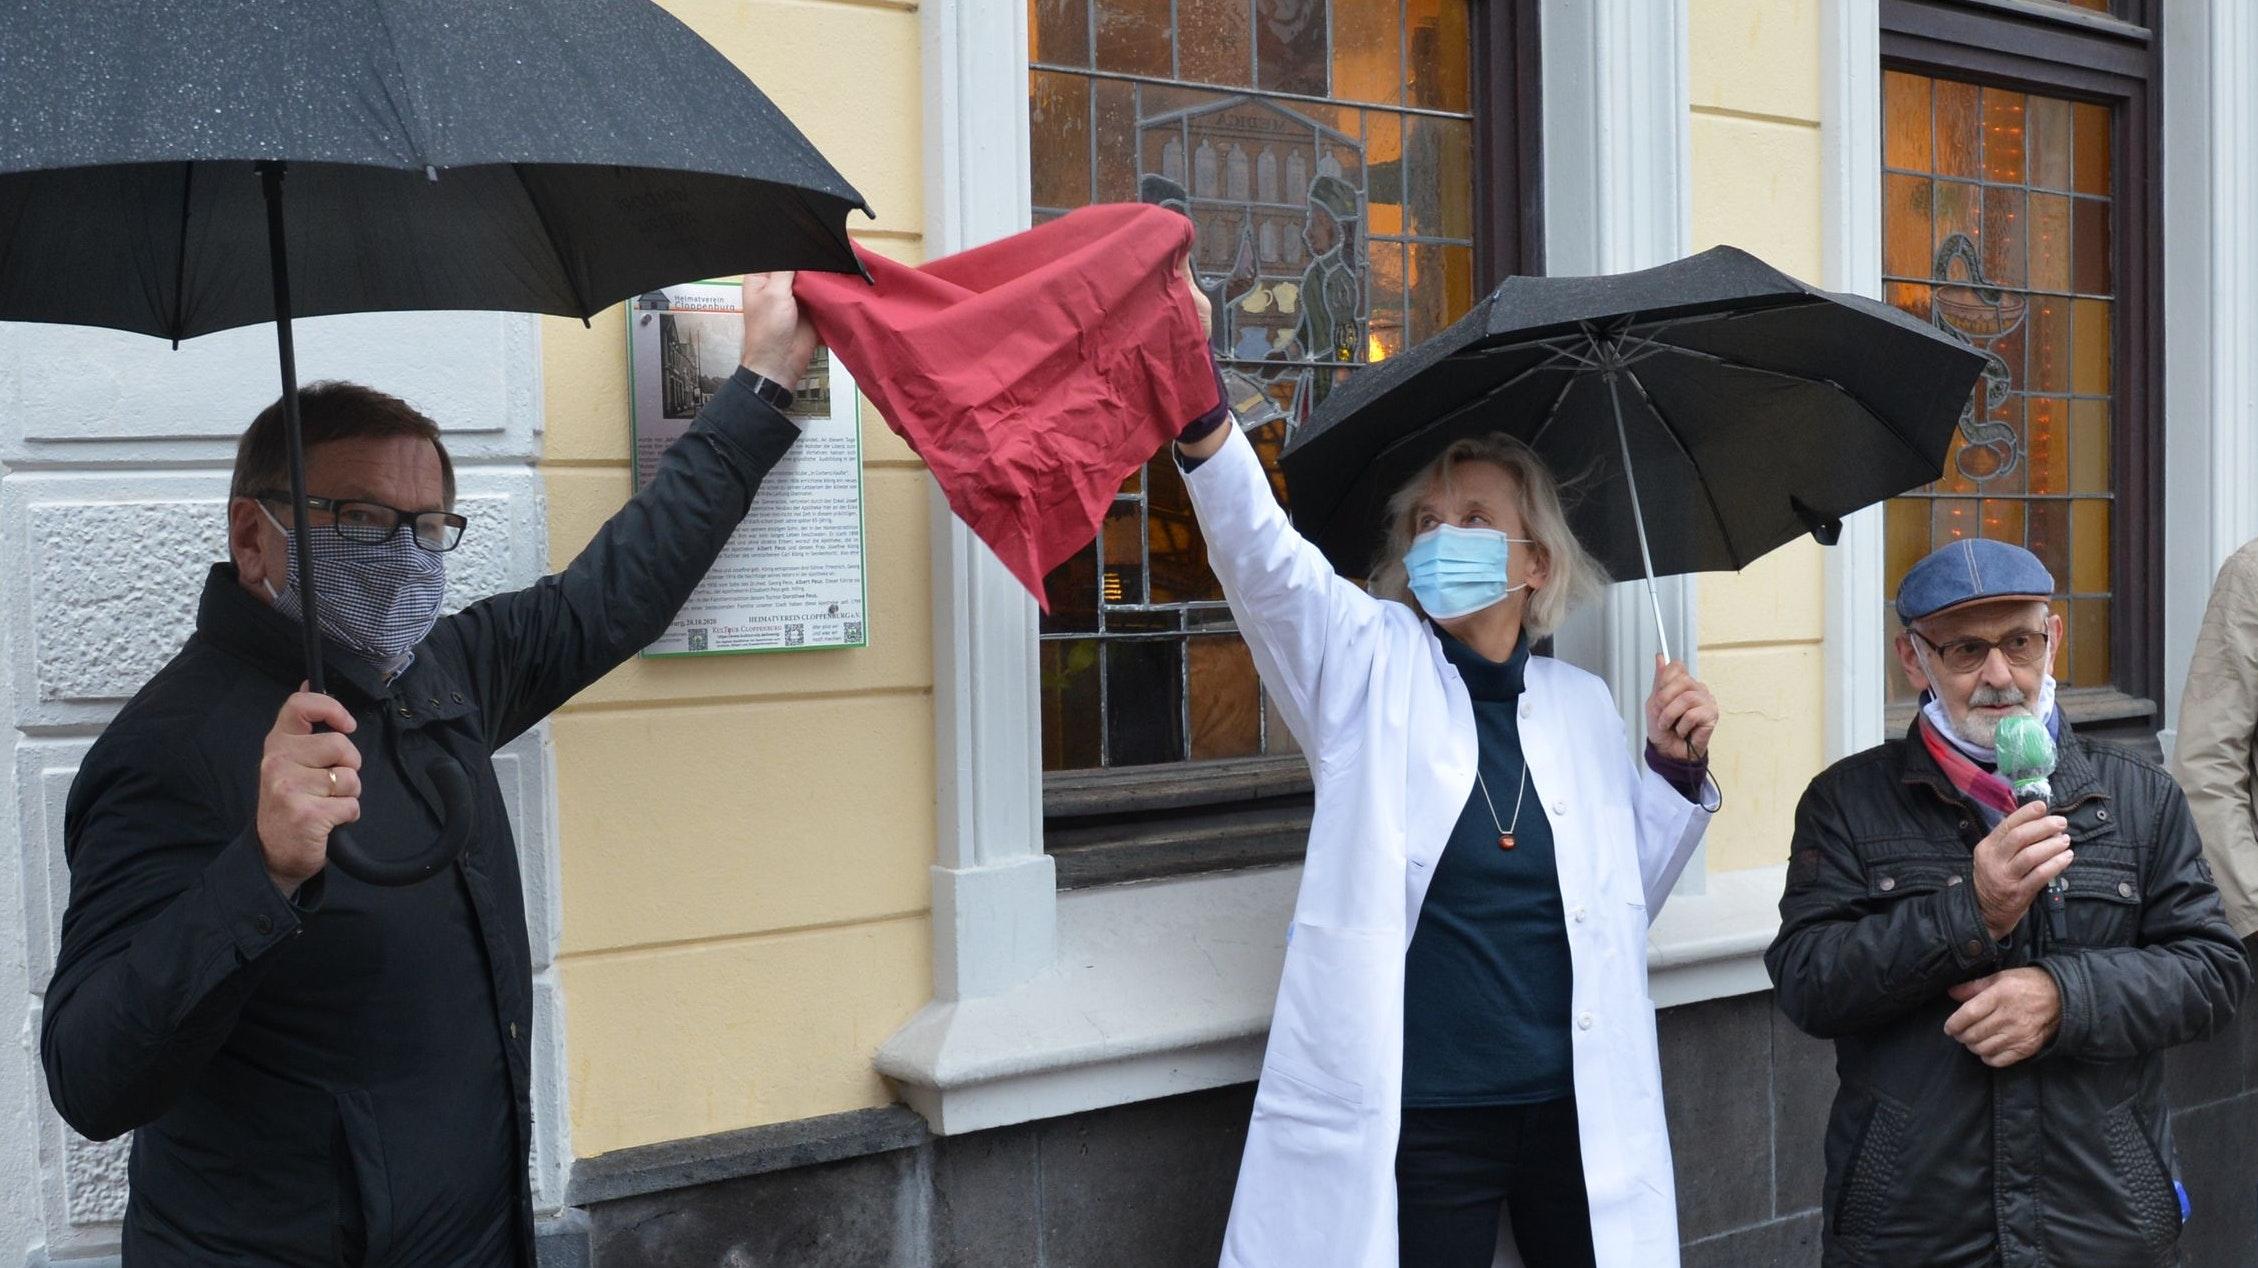 Gedenktafel enthüllt: Bürgermeister Dr. Wolfgang Wiese,Dorothee Peus von der Königs-Apotheke und Heimatverein-Vorsitzender Bernd Tabeling (von links). Foto: Hermes